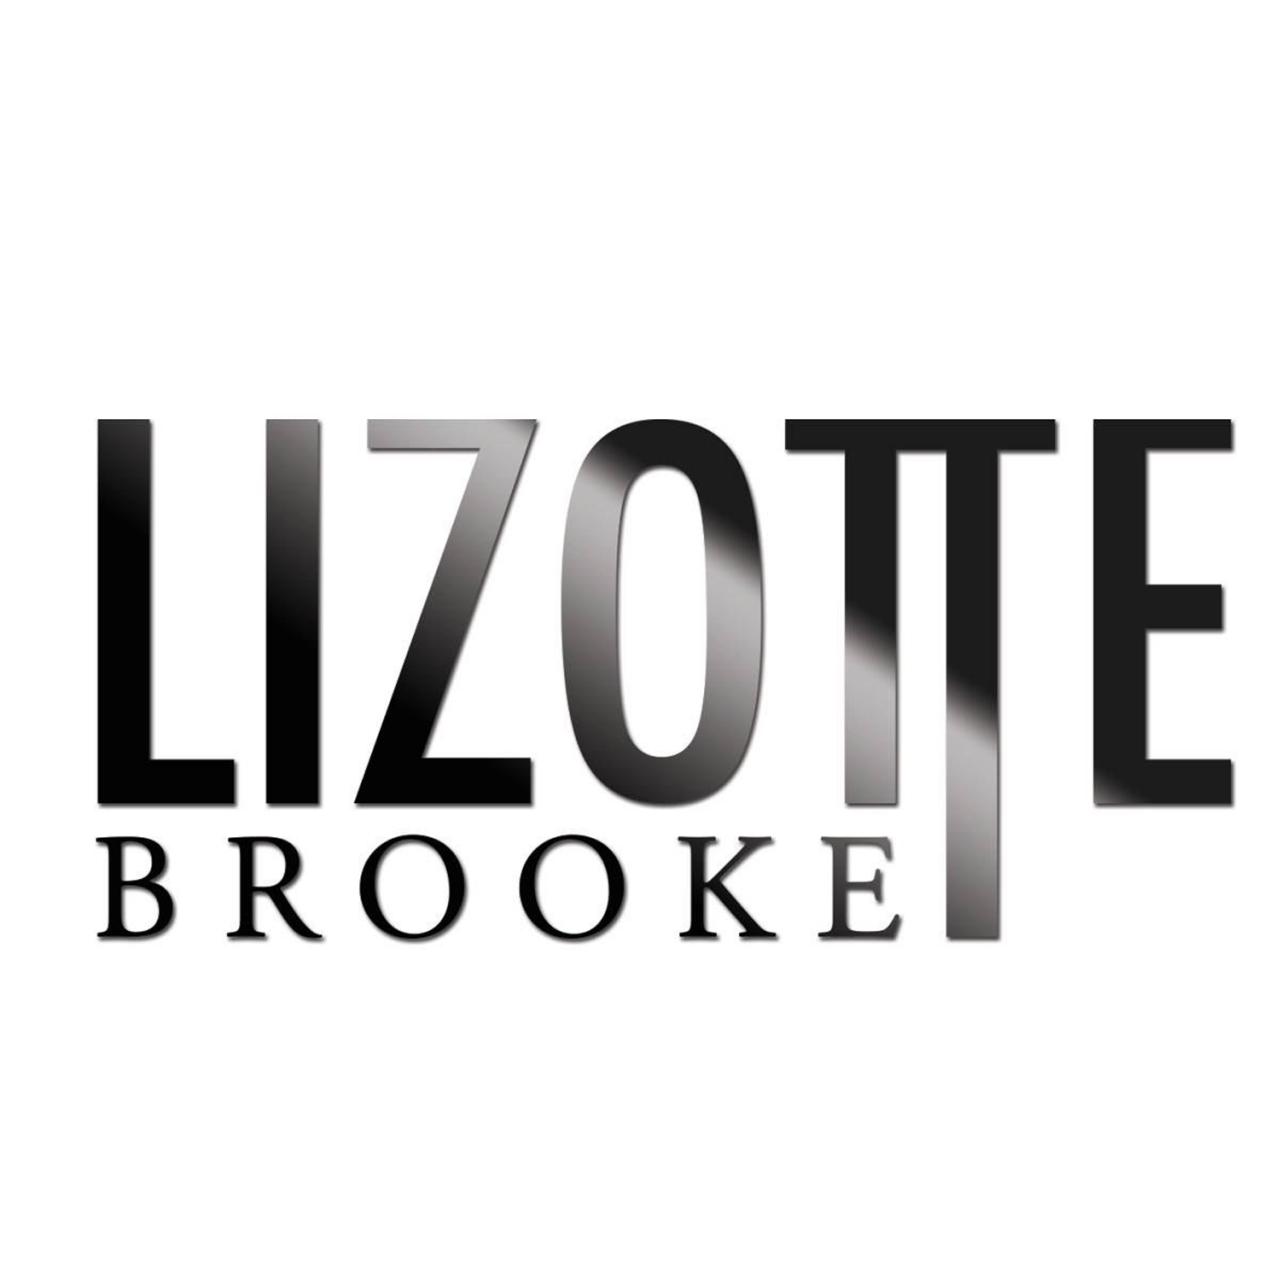 Lizotte Brooke